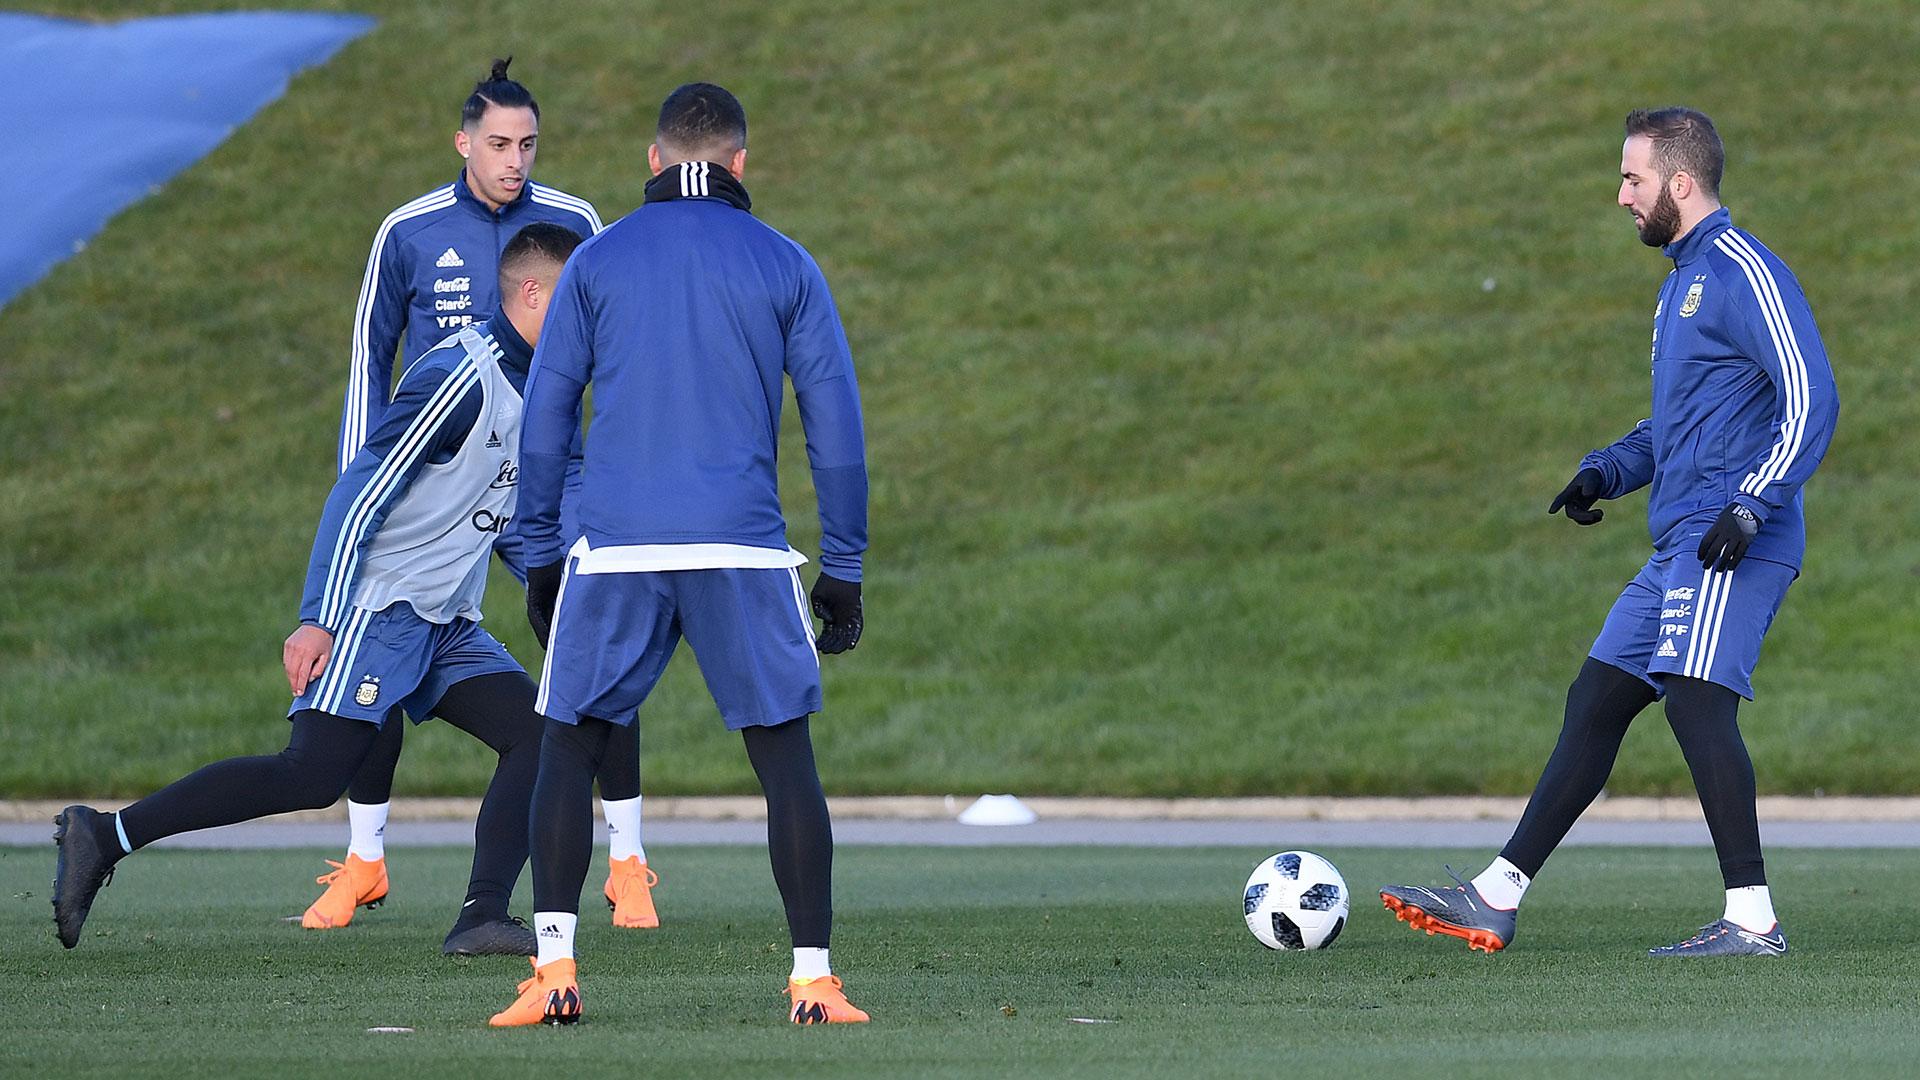 La Selección disputará el primer cotejo ante Italia el viernes 23 en el Etihad Stadium, mientras que el martes 27 hará lo propio ante España en el Wanda Metropolitano de Madrid